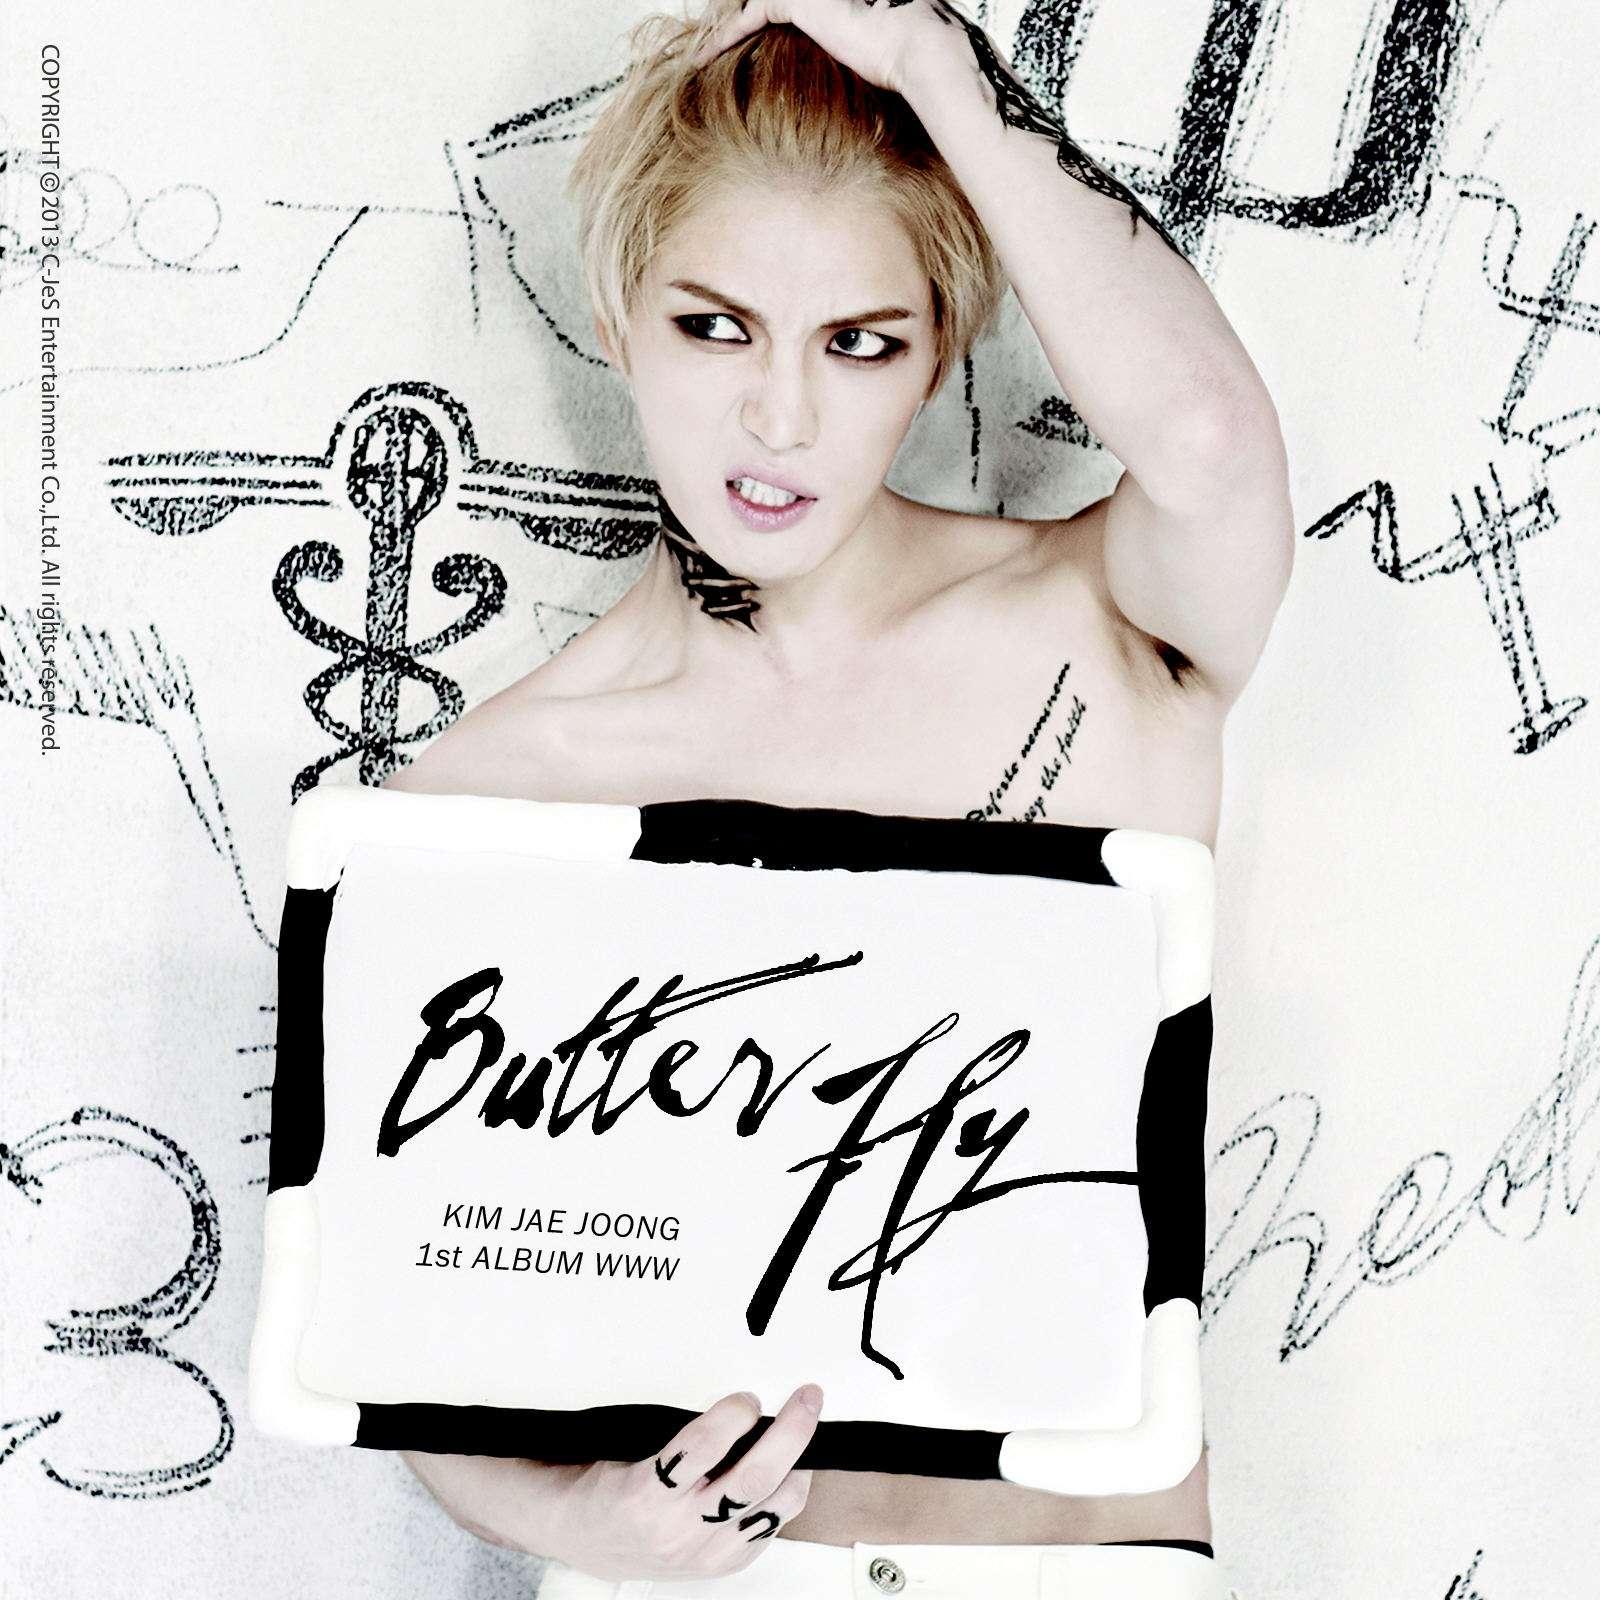 [Single] Kim Jae Joong - Butterfly [Digital Single]